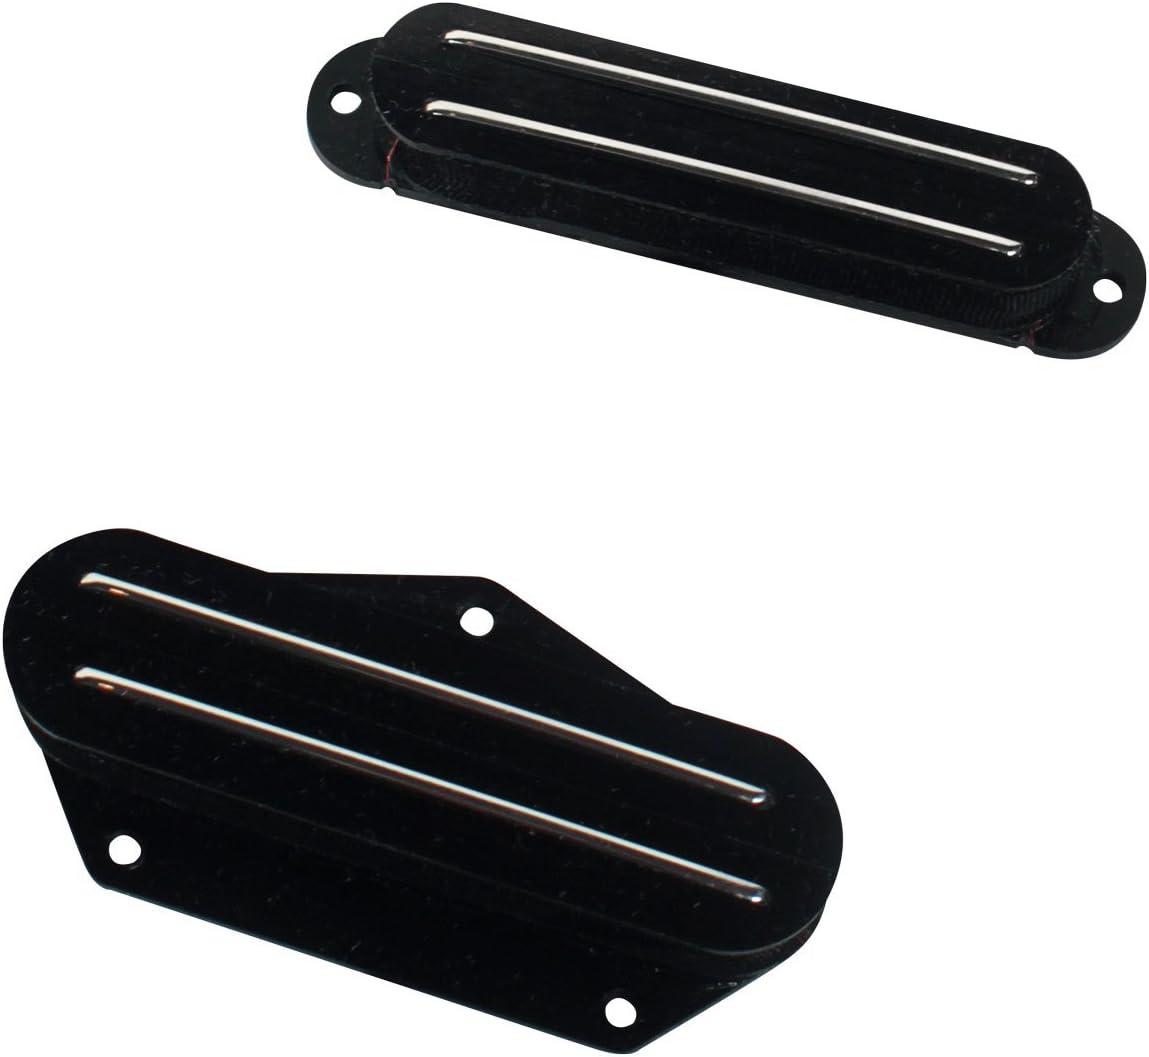 Jbe Joe Barden Modern T-Style Pickup Set For Fender Tele Telecaster